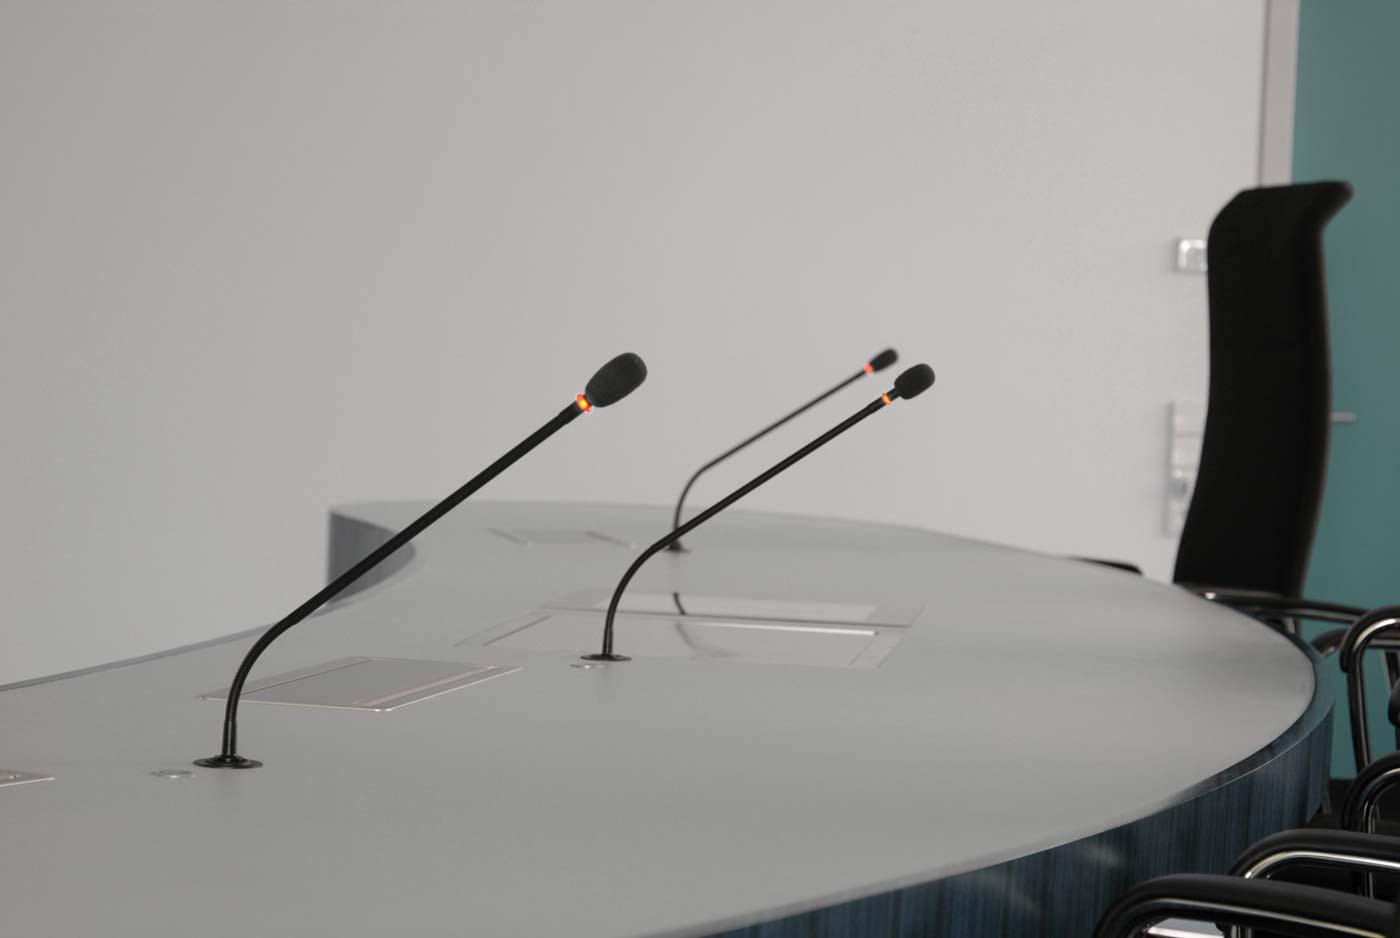 Medientechnik im Gerichtssaal